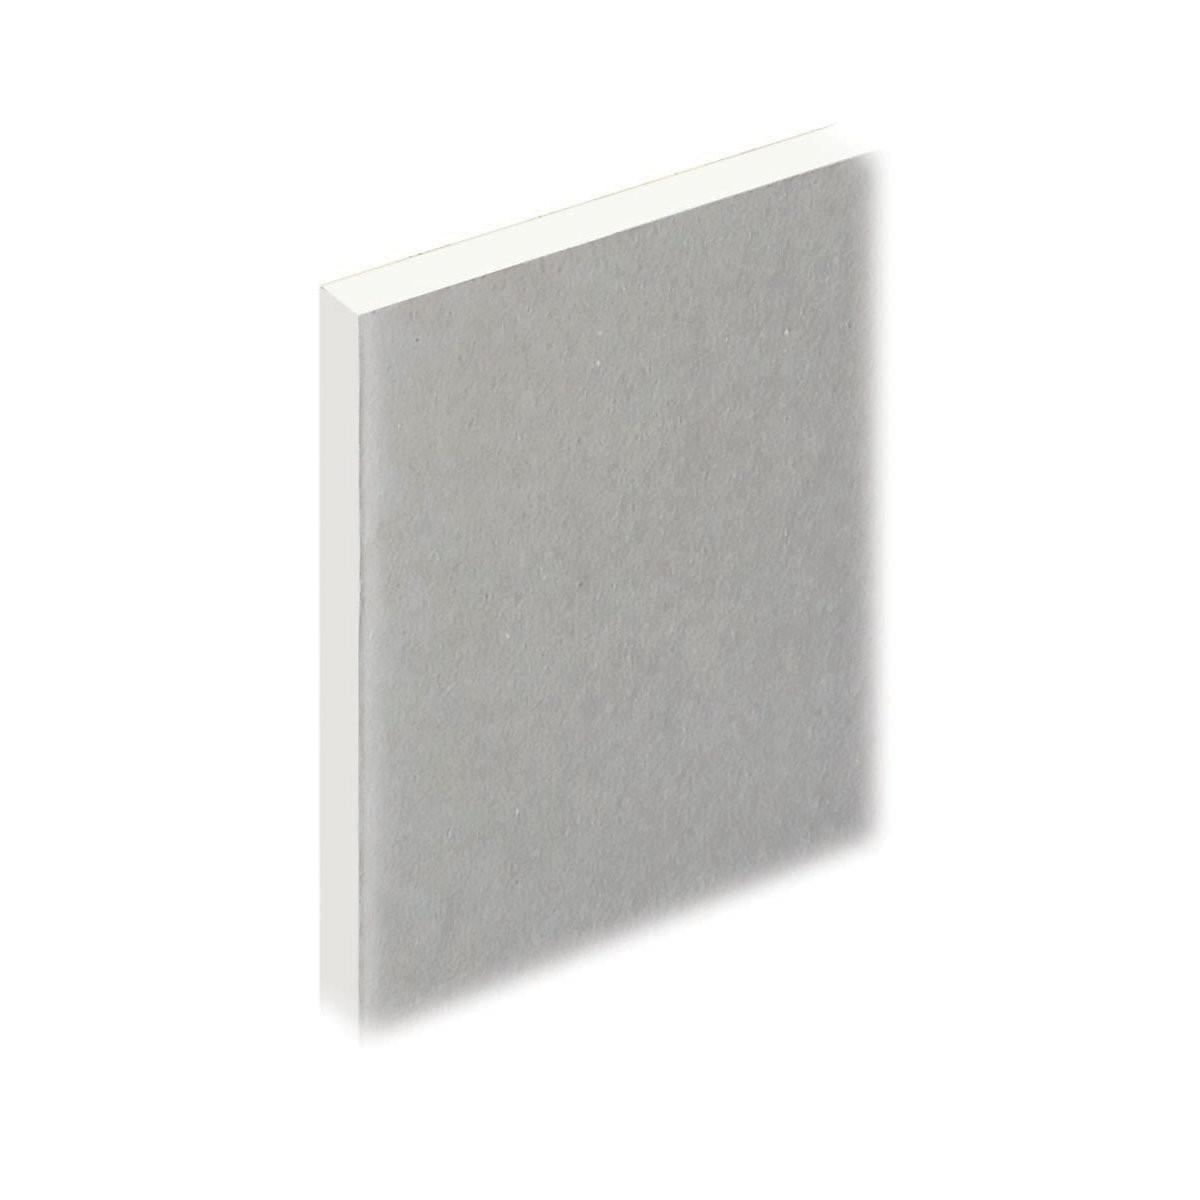 Plasterboard Plank T.E. 2400x600x19mm